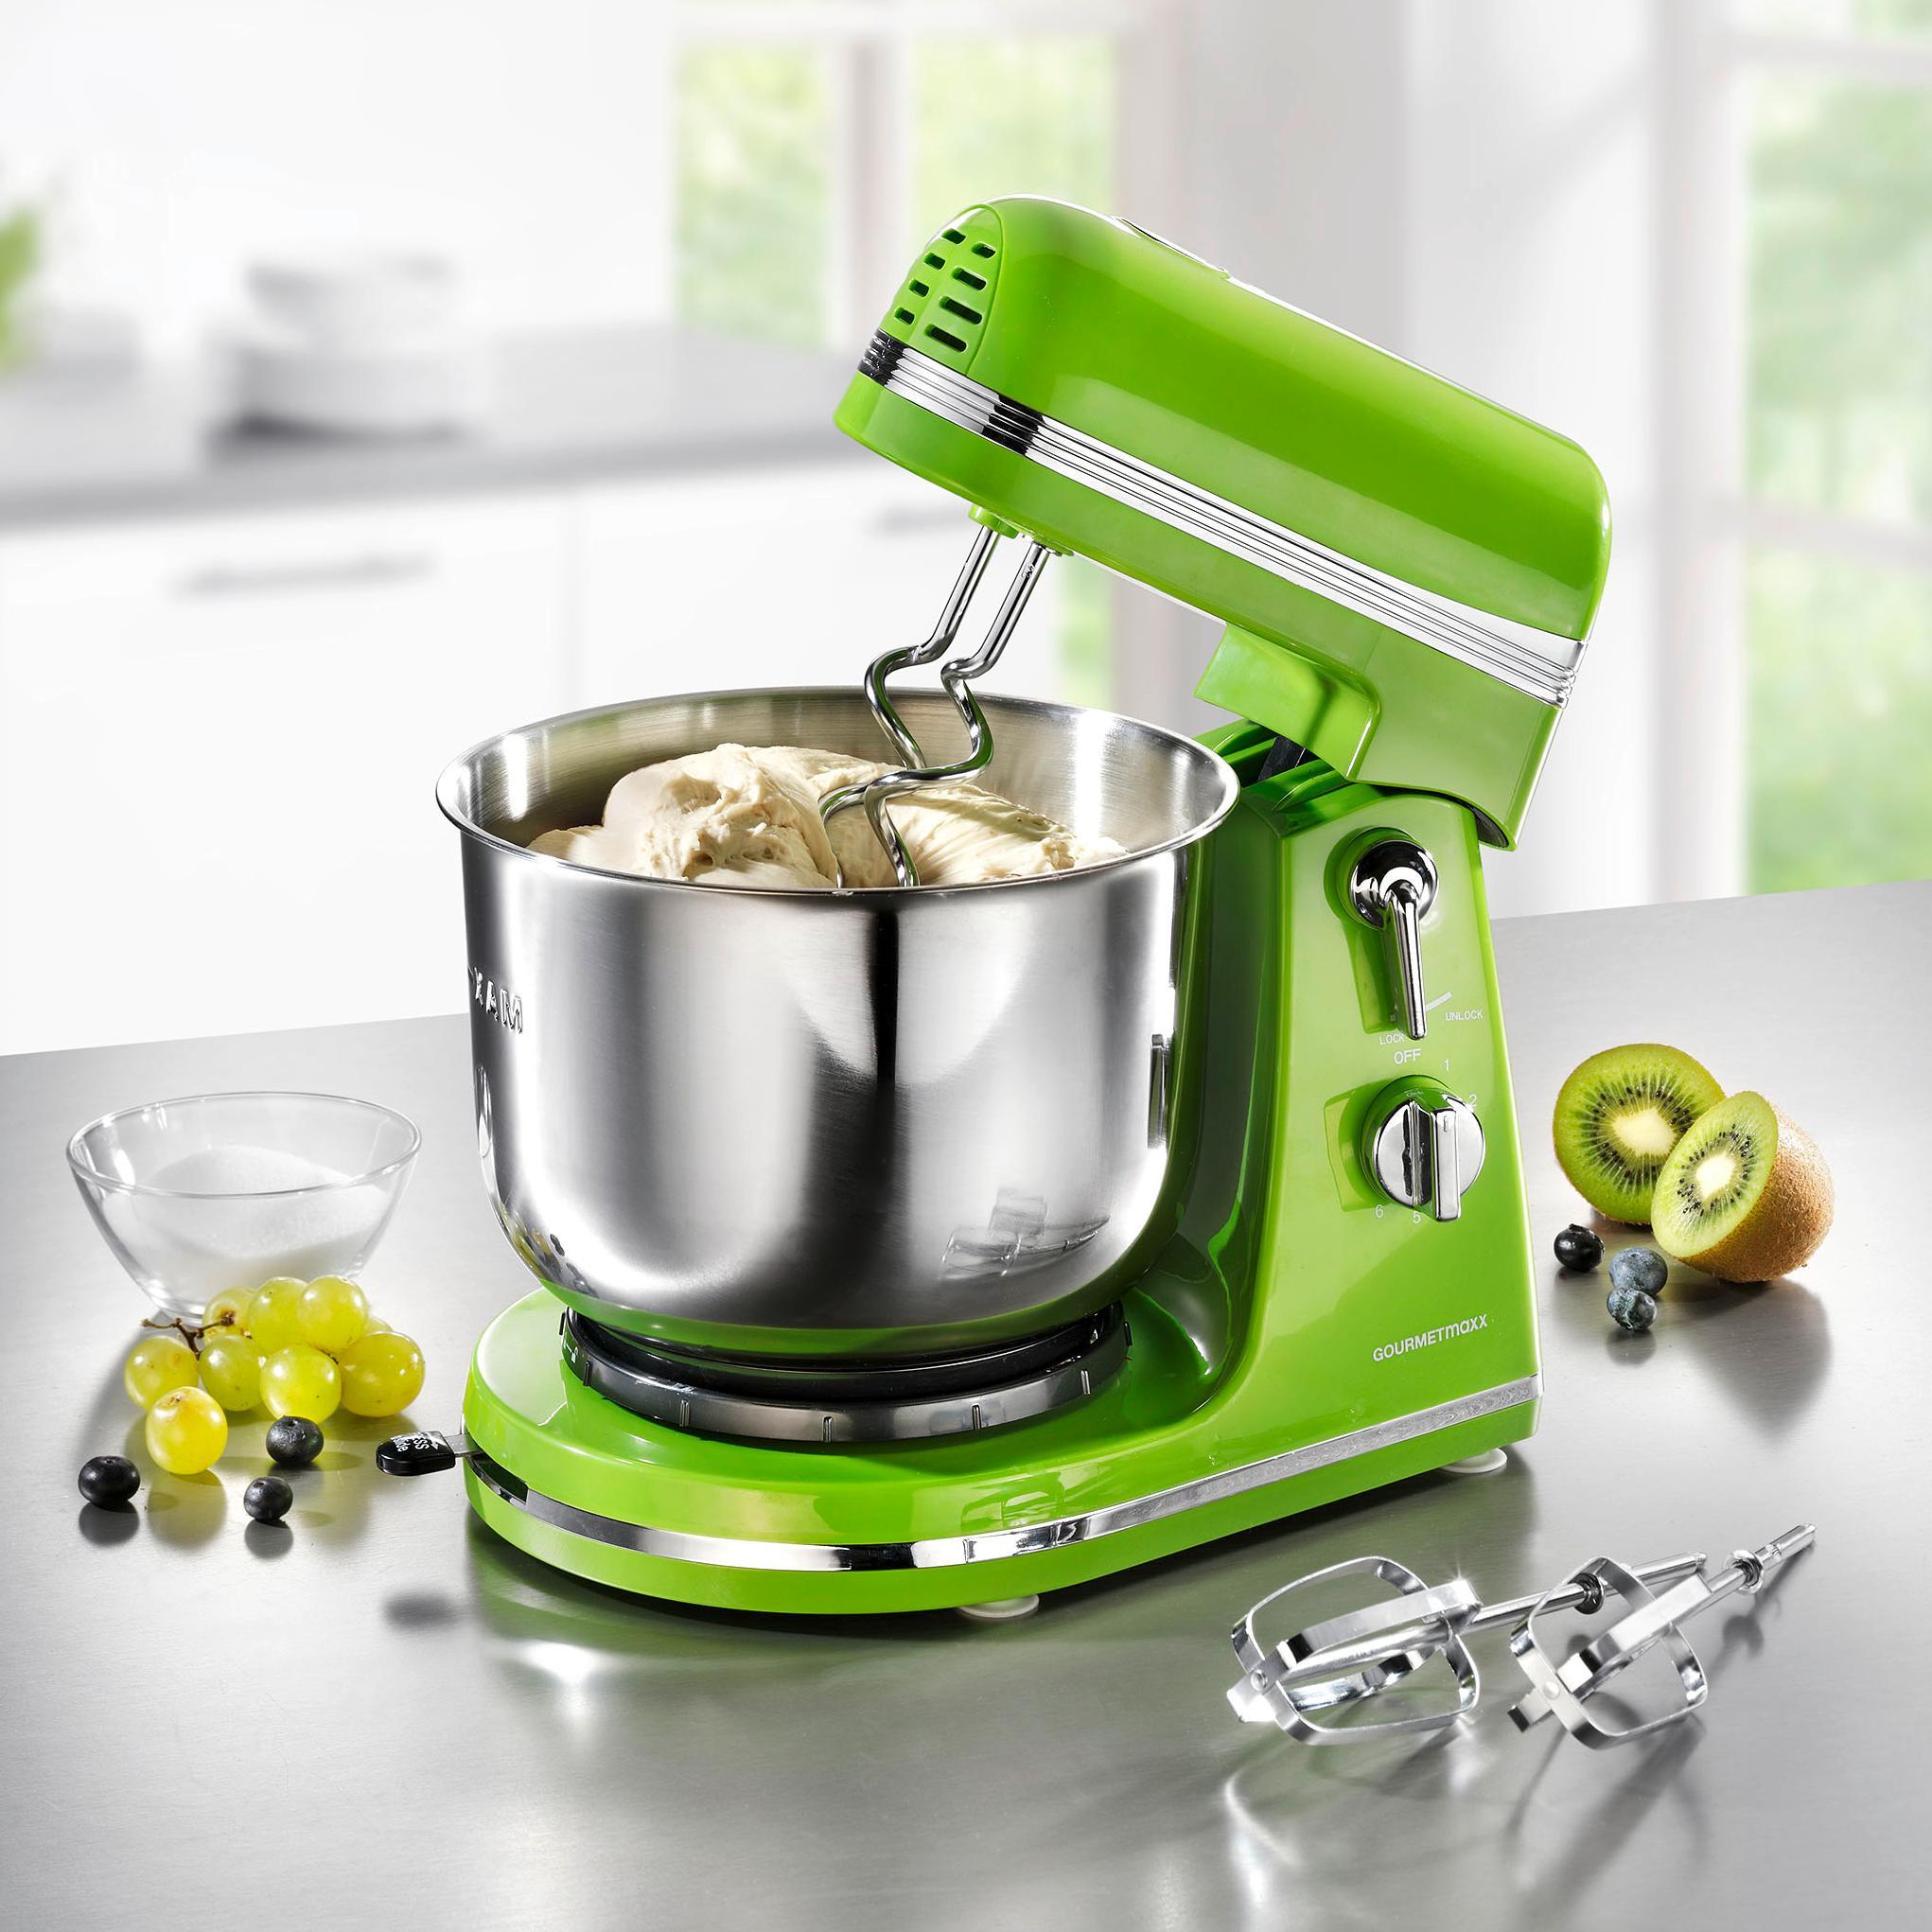 Kuchenmaschine In 6 Geschwindigkeitsstufen Elektrische Kuchengerate Bader